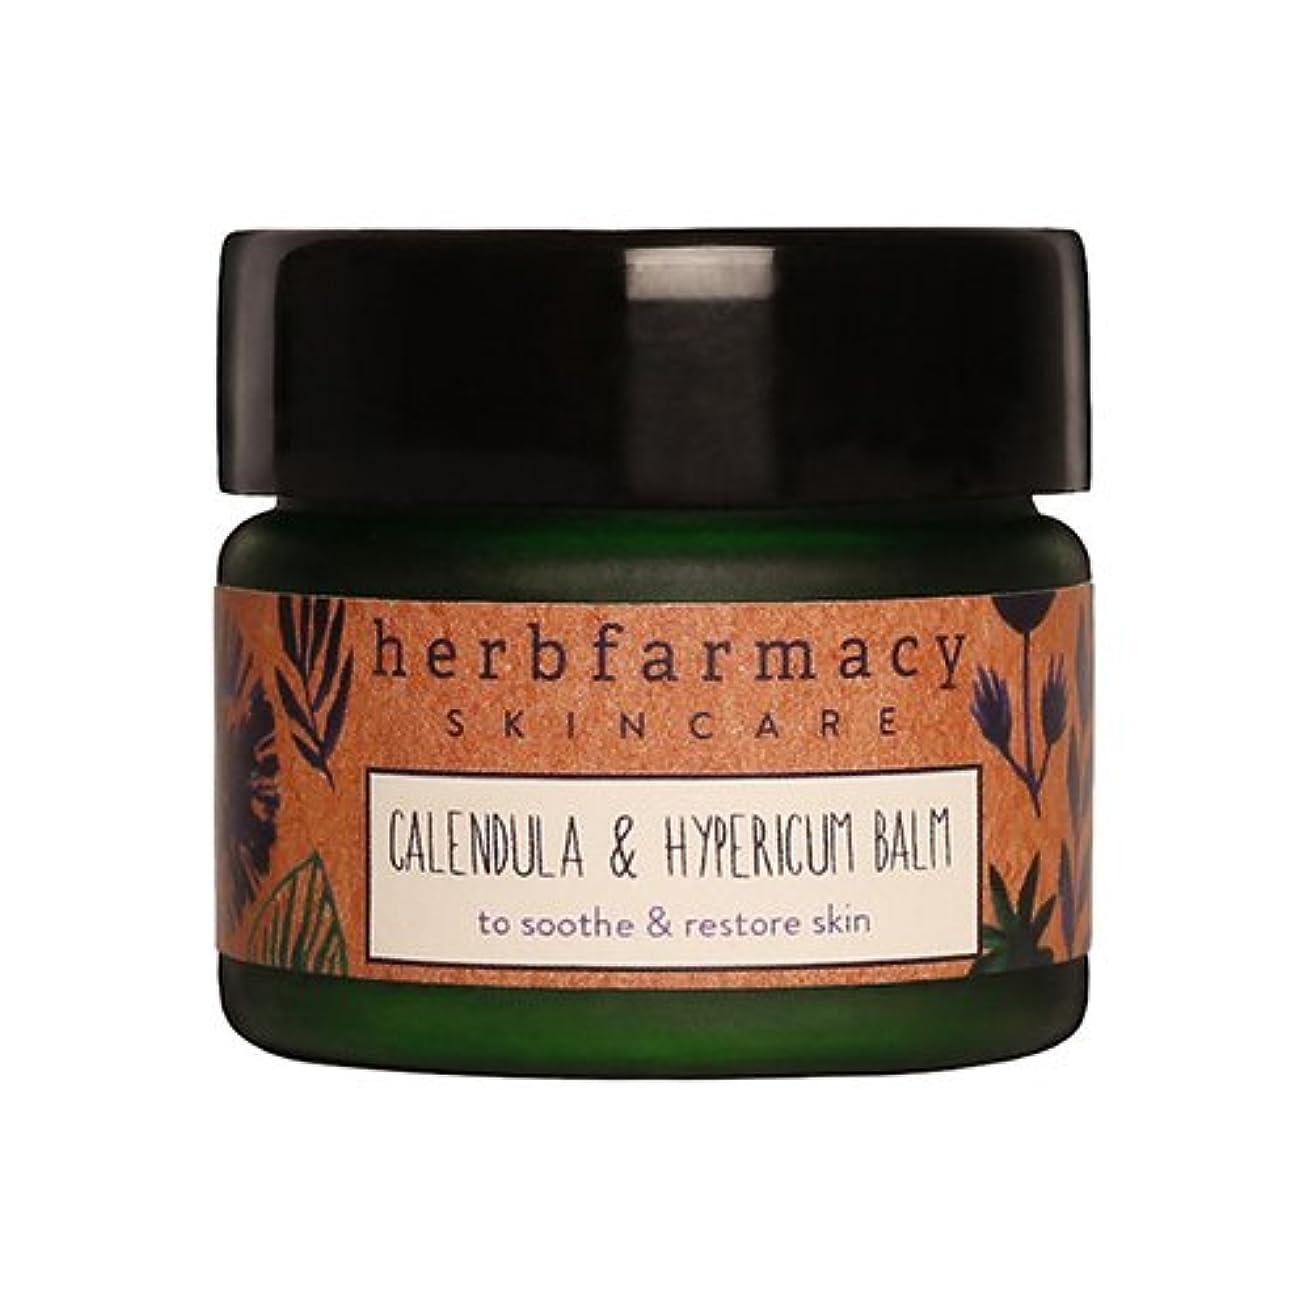 遠足一流ナチュラルハーブファーマシー (herbfarmacy) カーミング バーム 〈フェイスバーム〉 (20mL)